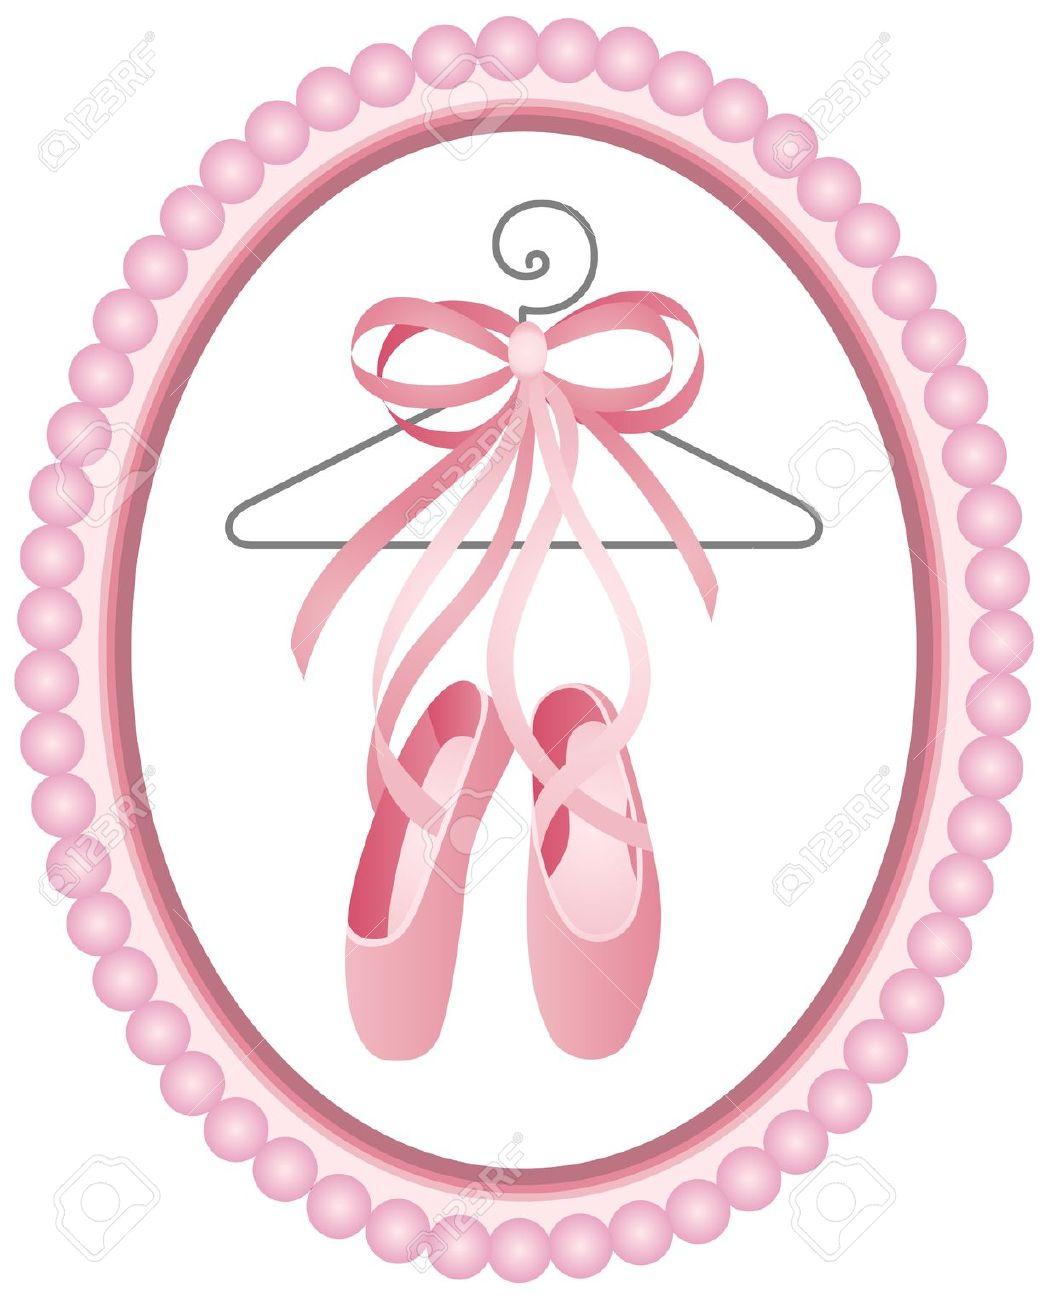 Ballerina clipart baby shoe Zapatillas Buscar Google ballet Buscar